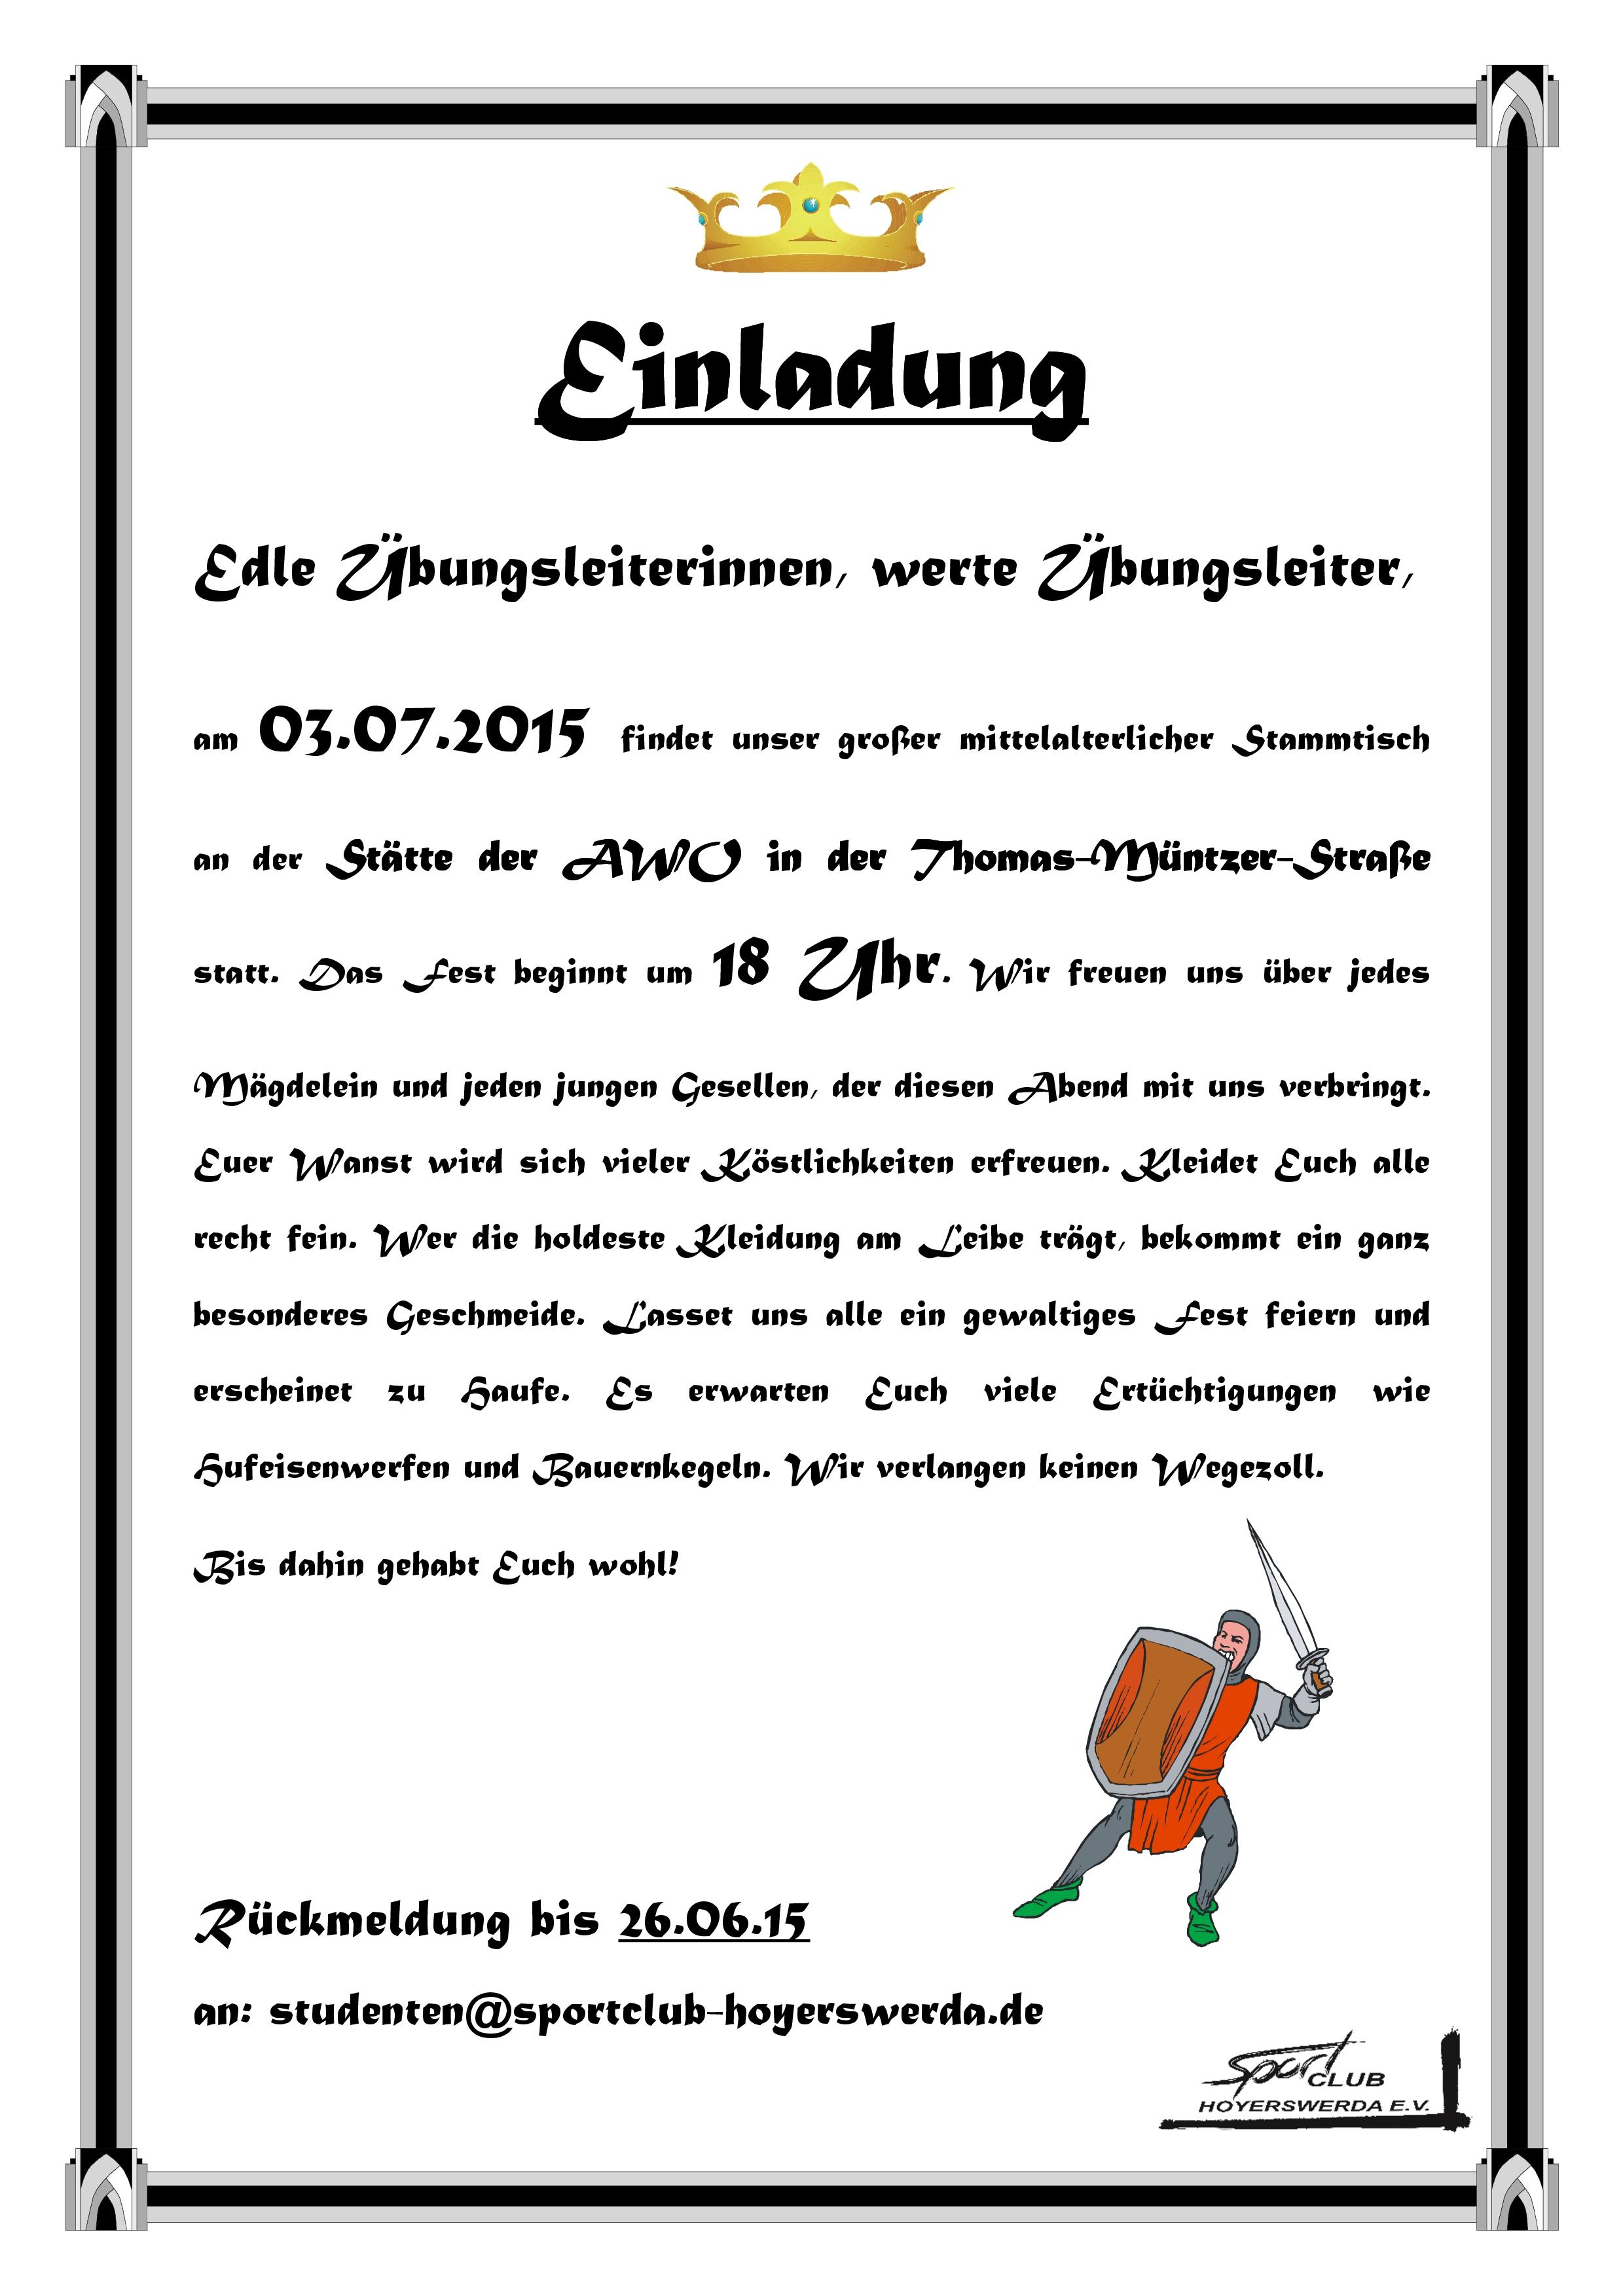 Übungsleiterstammtisch 2015 | sportclub hoyerswerda e.v., Einladung